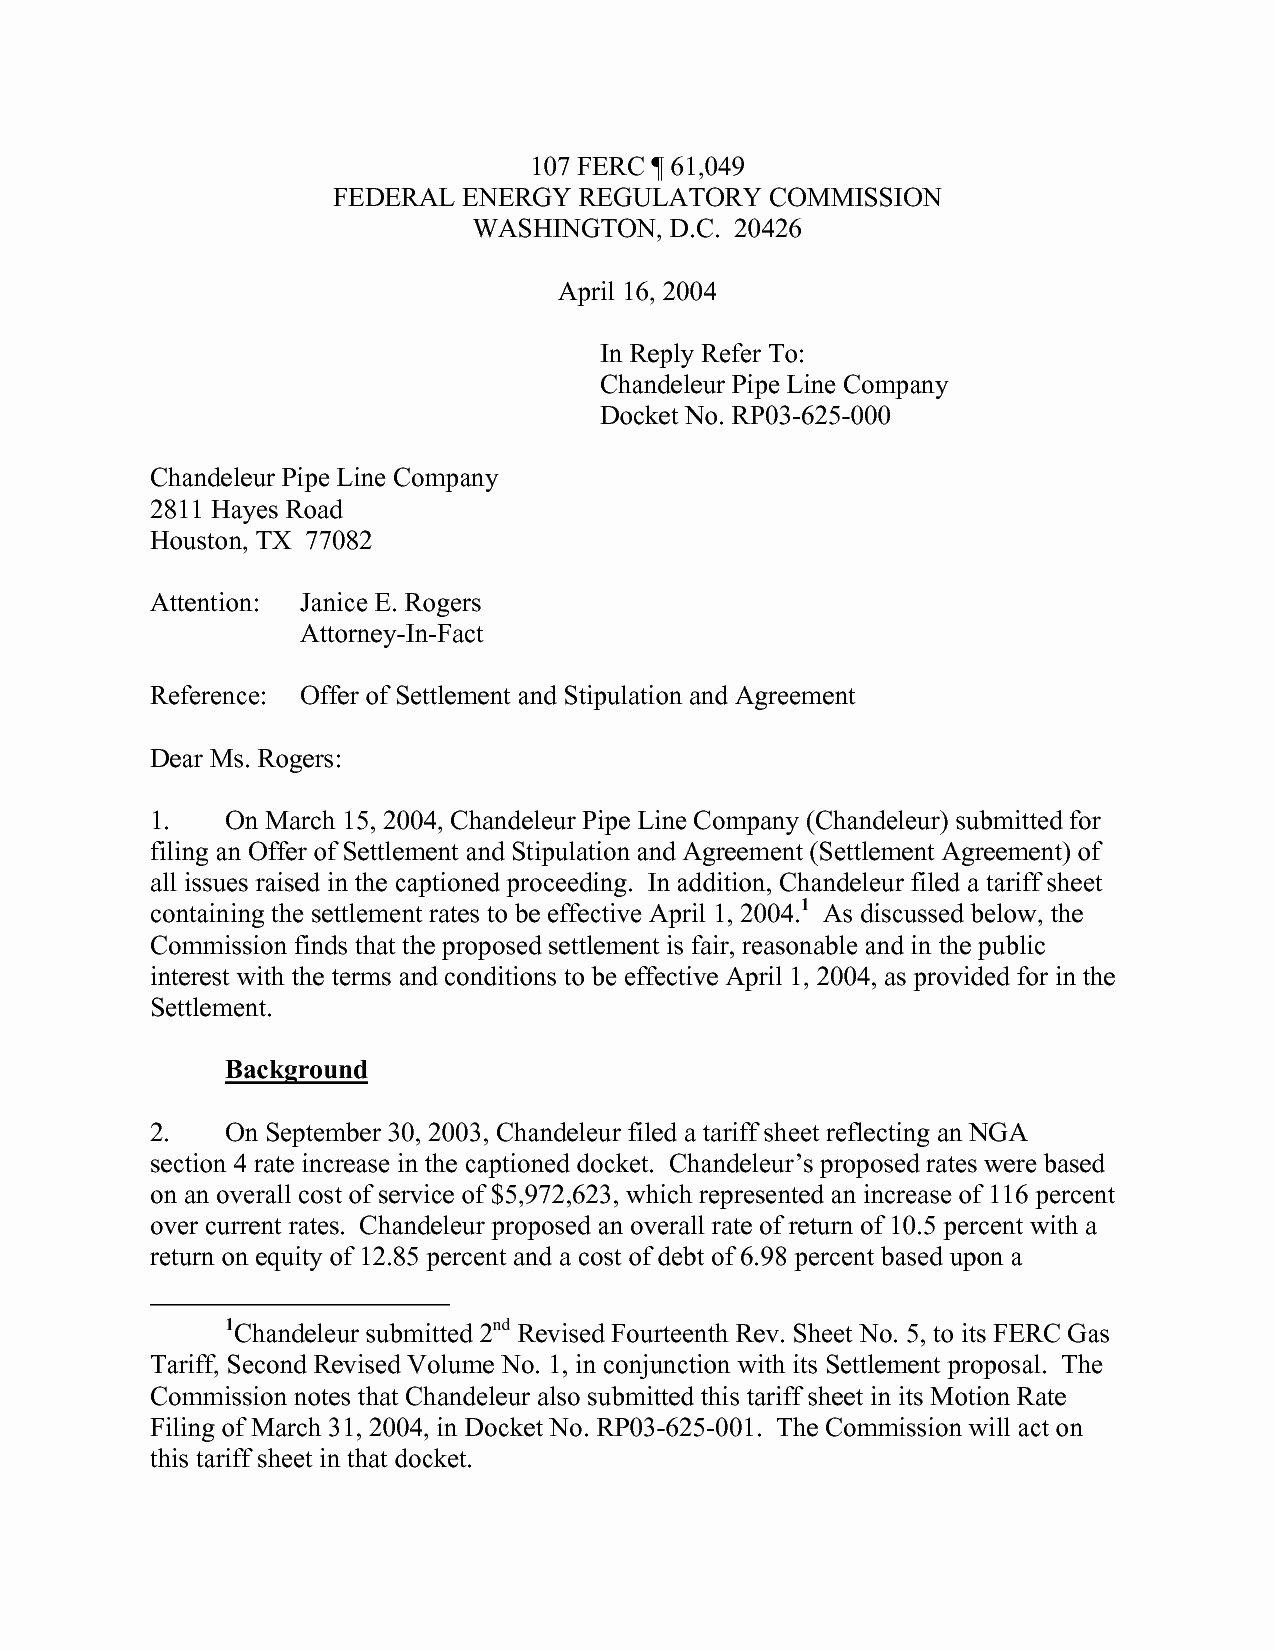 Car Accident Settlement Agreement form Best Of Legal Settlement Fer Letter Template Sample